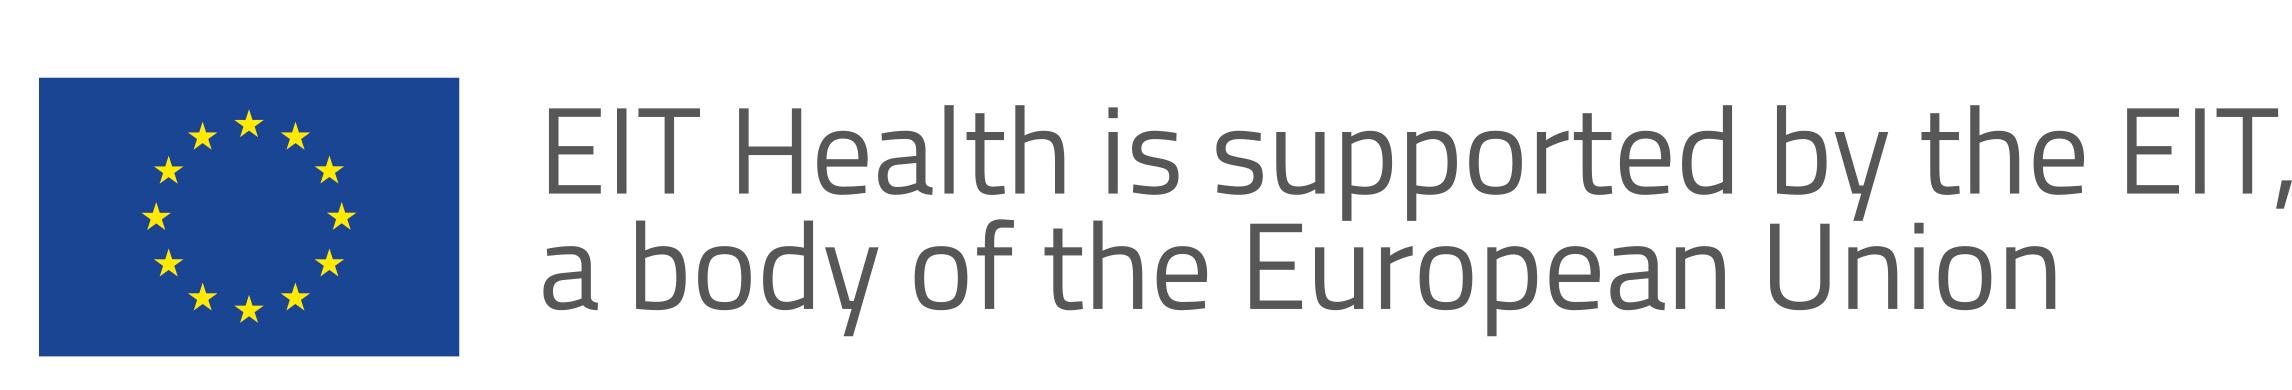 EIT_eu.png